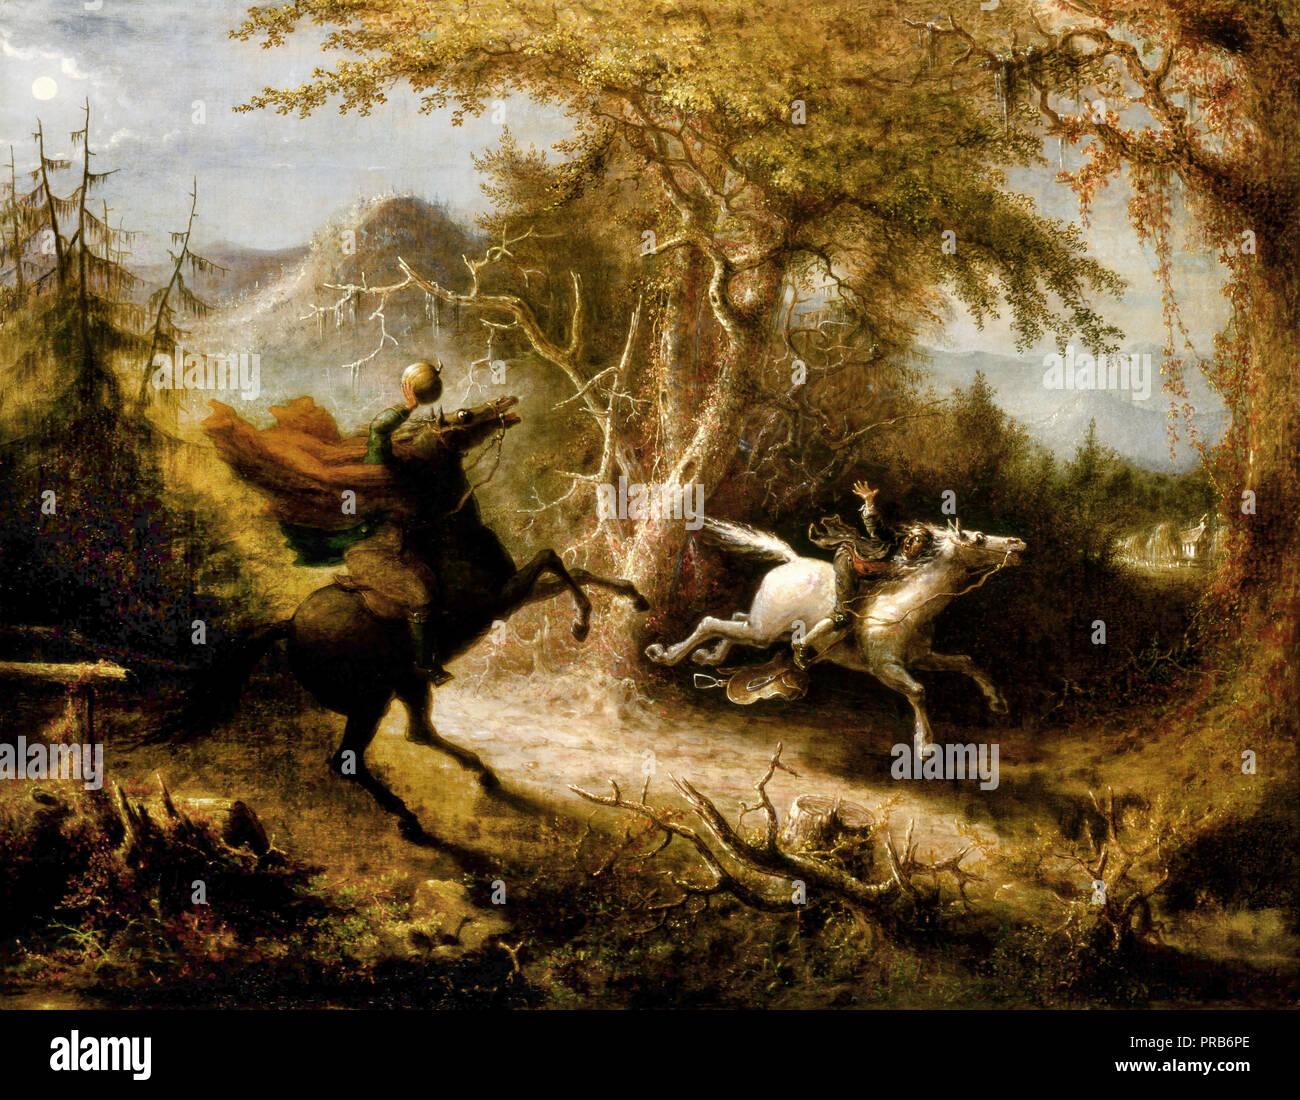 John Quidor, le Cavalier sans tête poursuivant Ichabod Crane 1858 Huile sur toile, Smithsonian American Art Museum, Washington, D.C., USA. Photo Stock